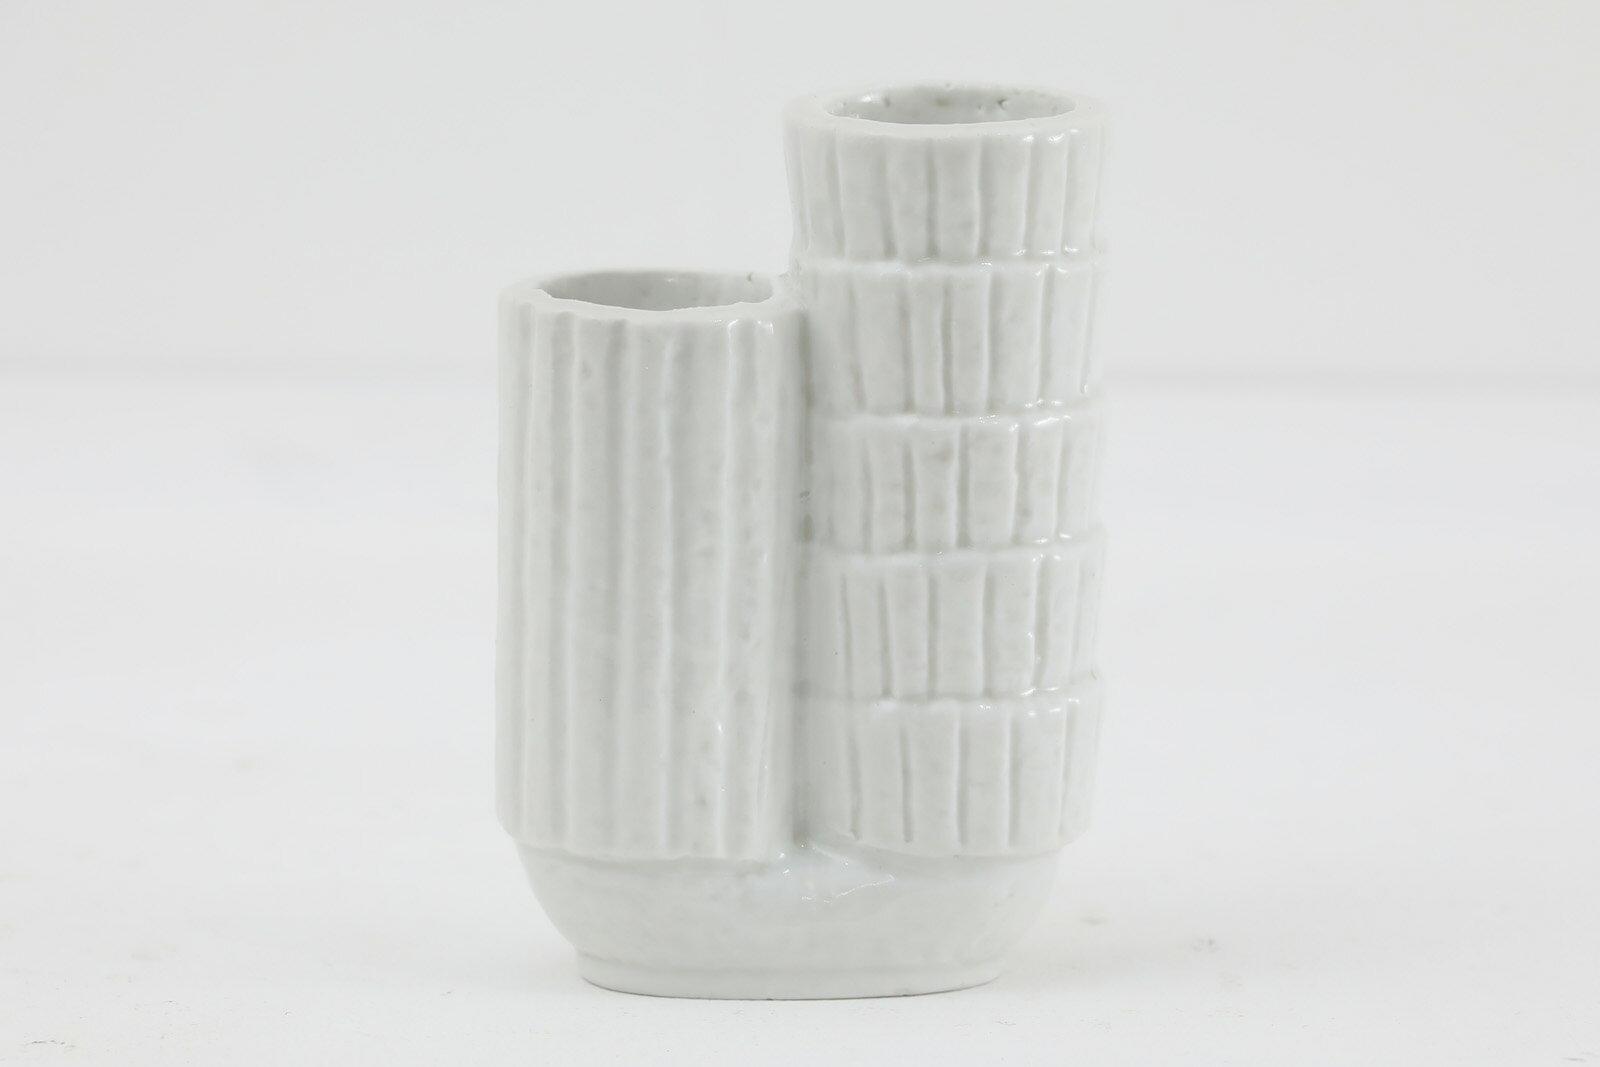 インテリア小物・置物, 花瓶 Gunnar Nylund